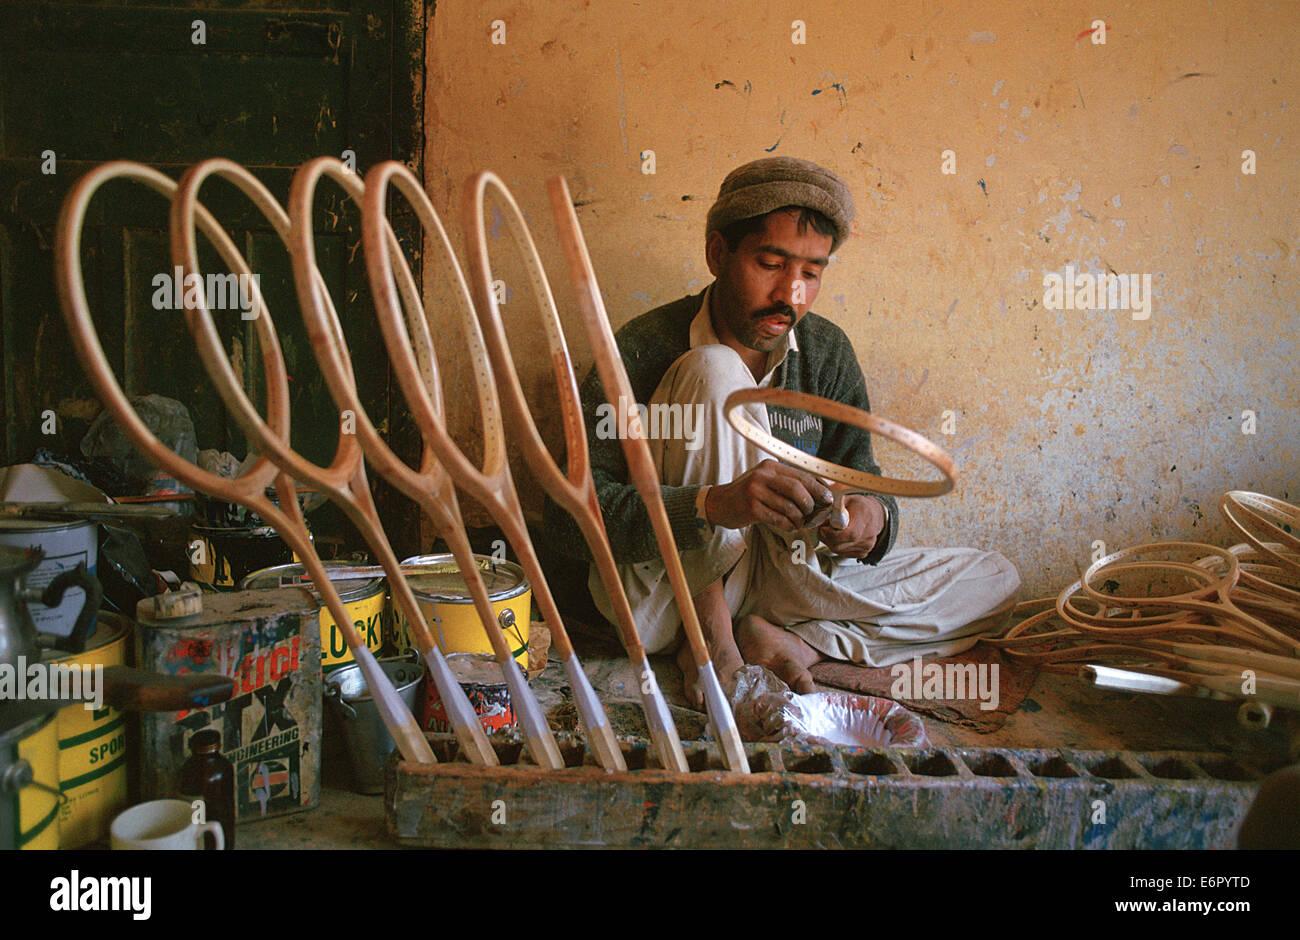 Man making tennis rackets ( Pakistan) - Stock Image